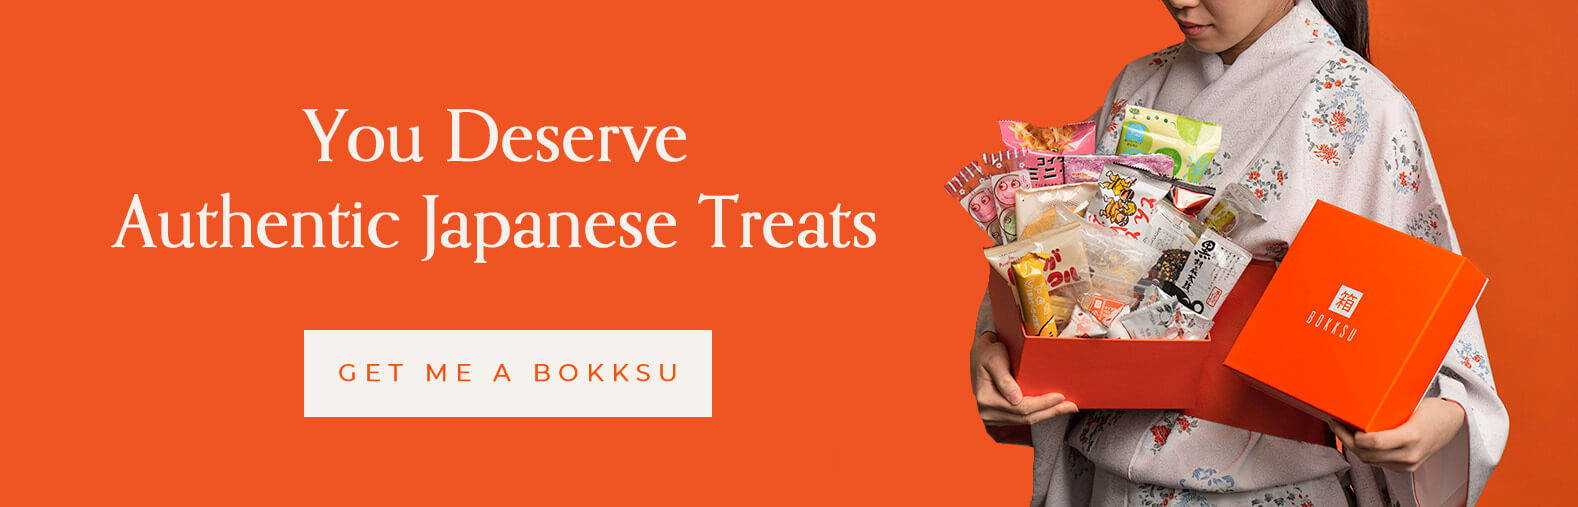 join Bokksu Japanese Snack Susbcription Box service today